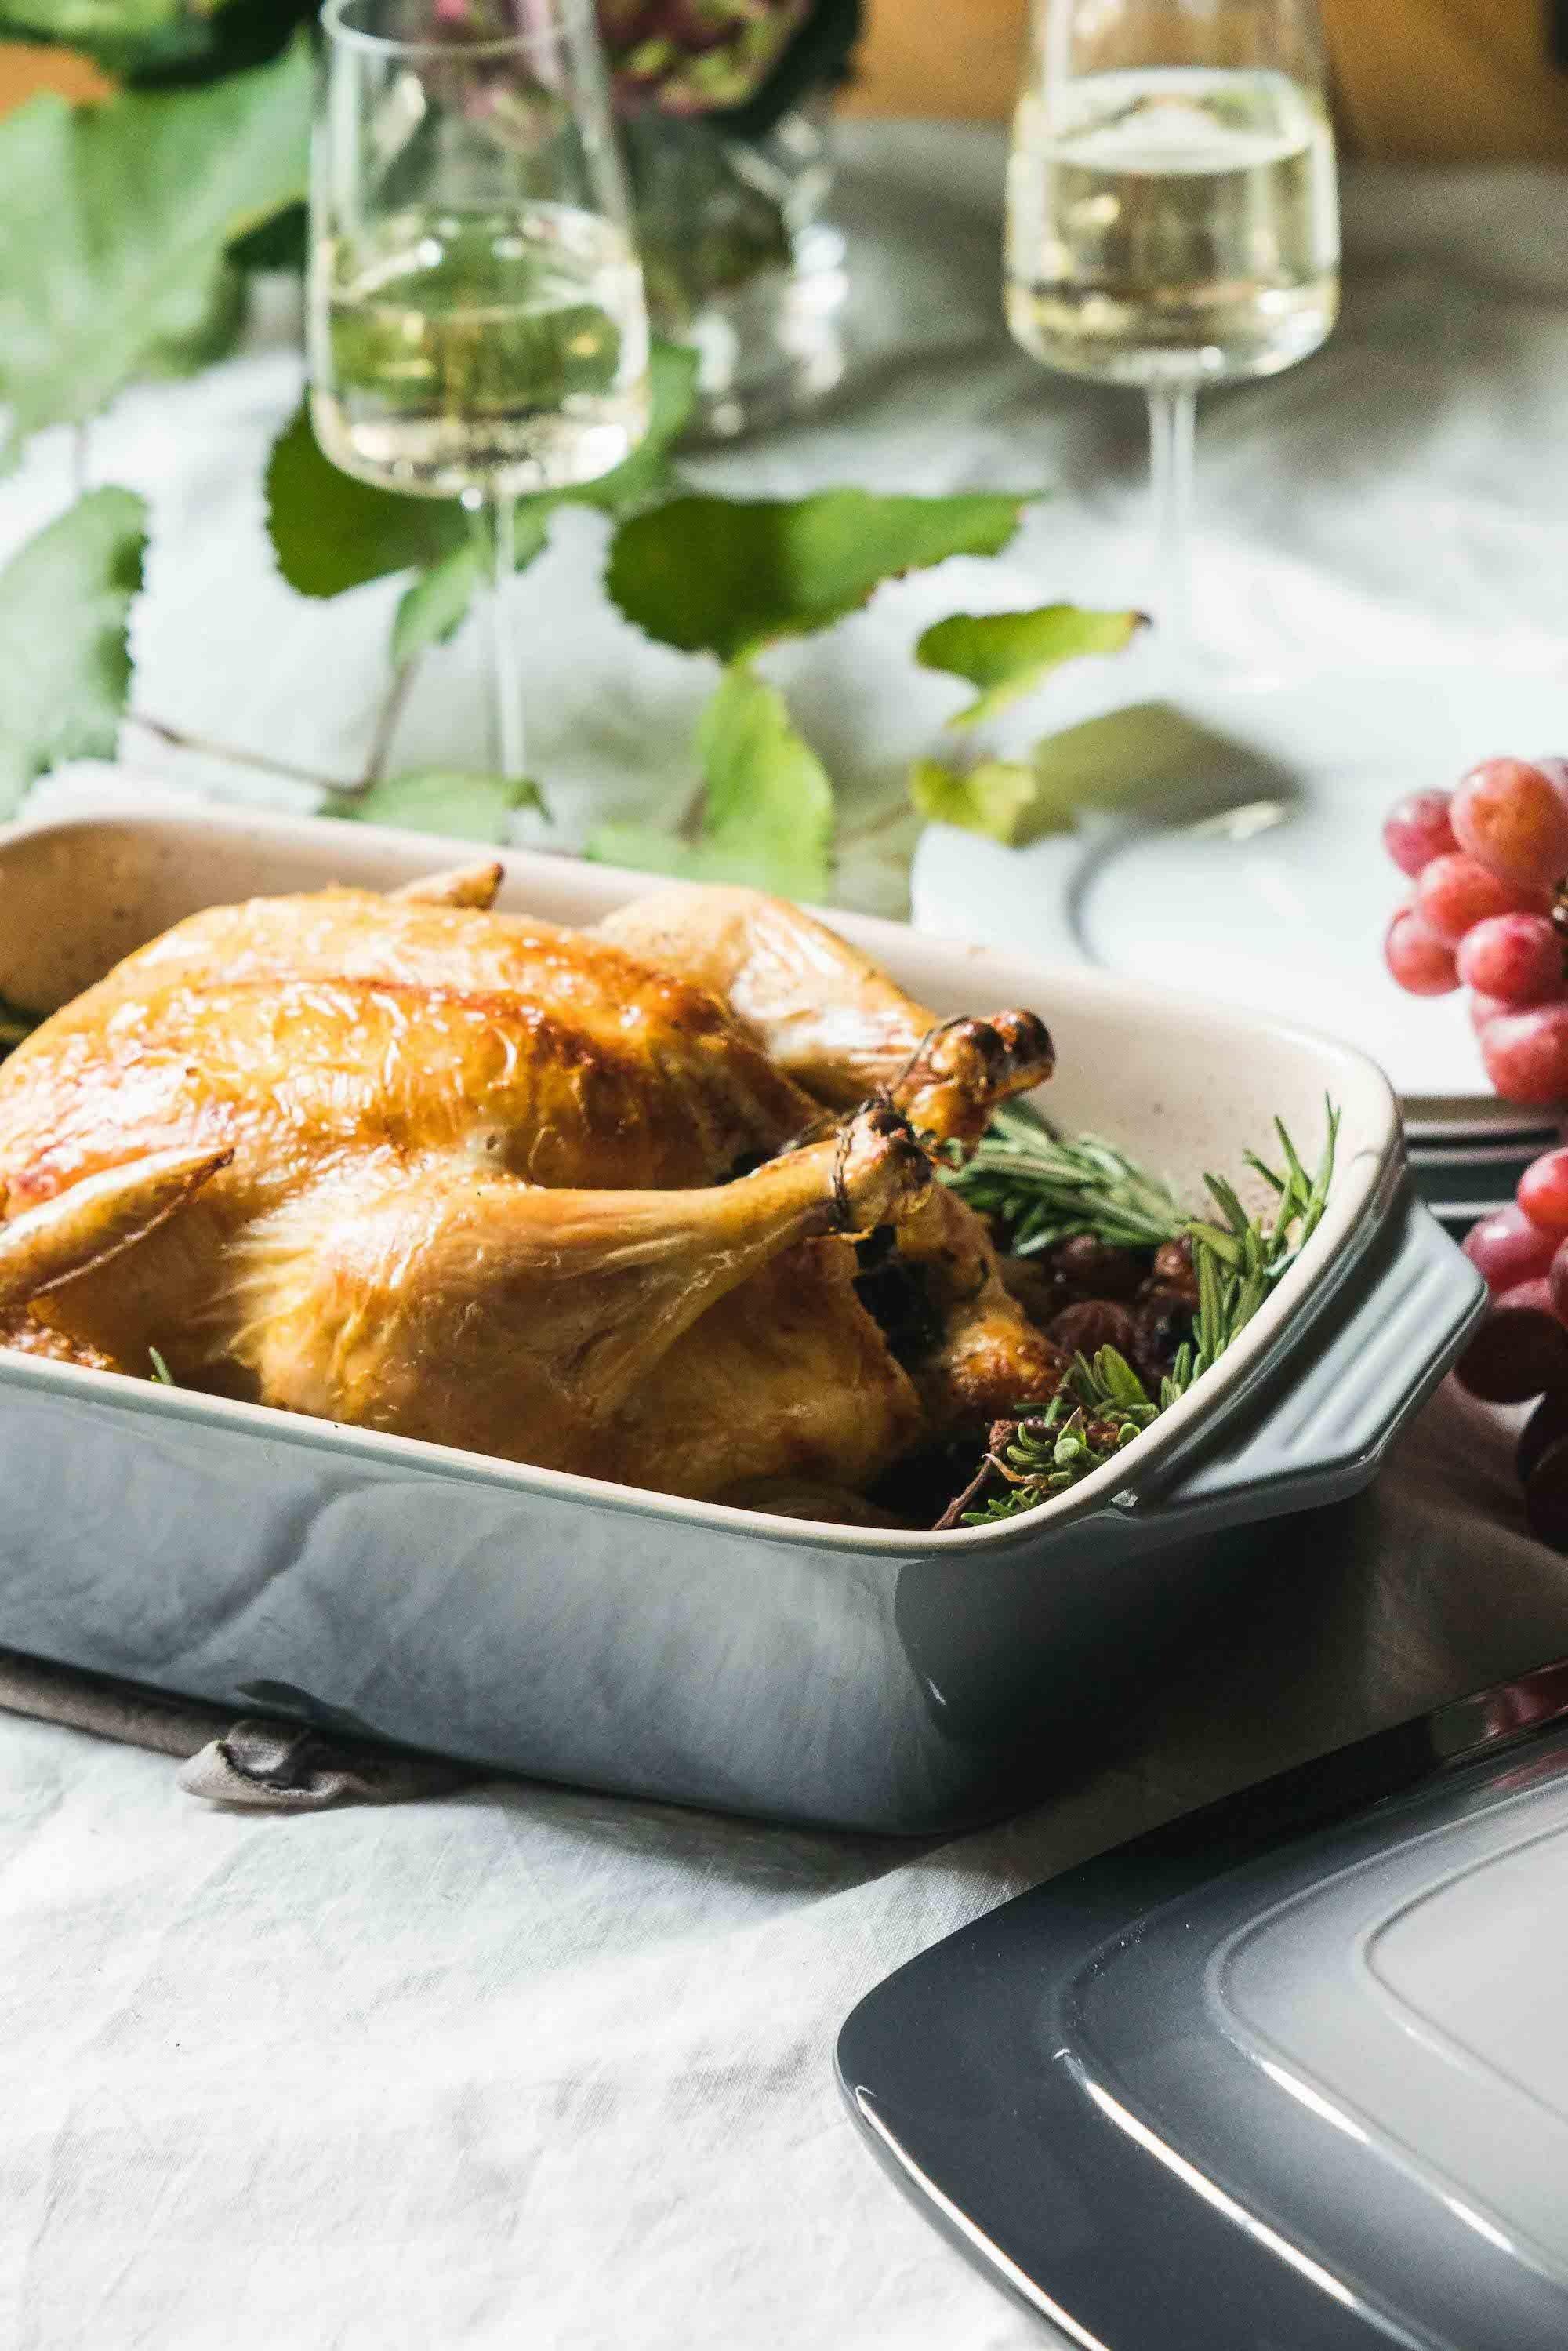 Vineyard Harvest Roasted Chicken